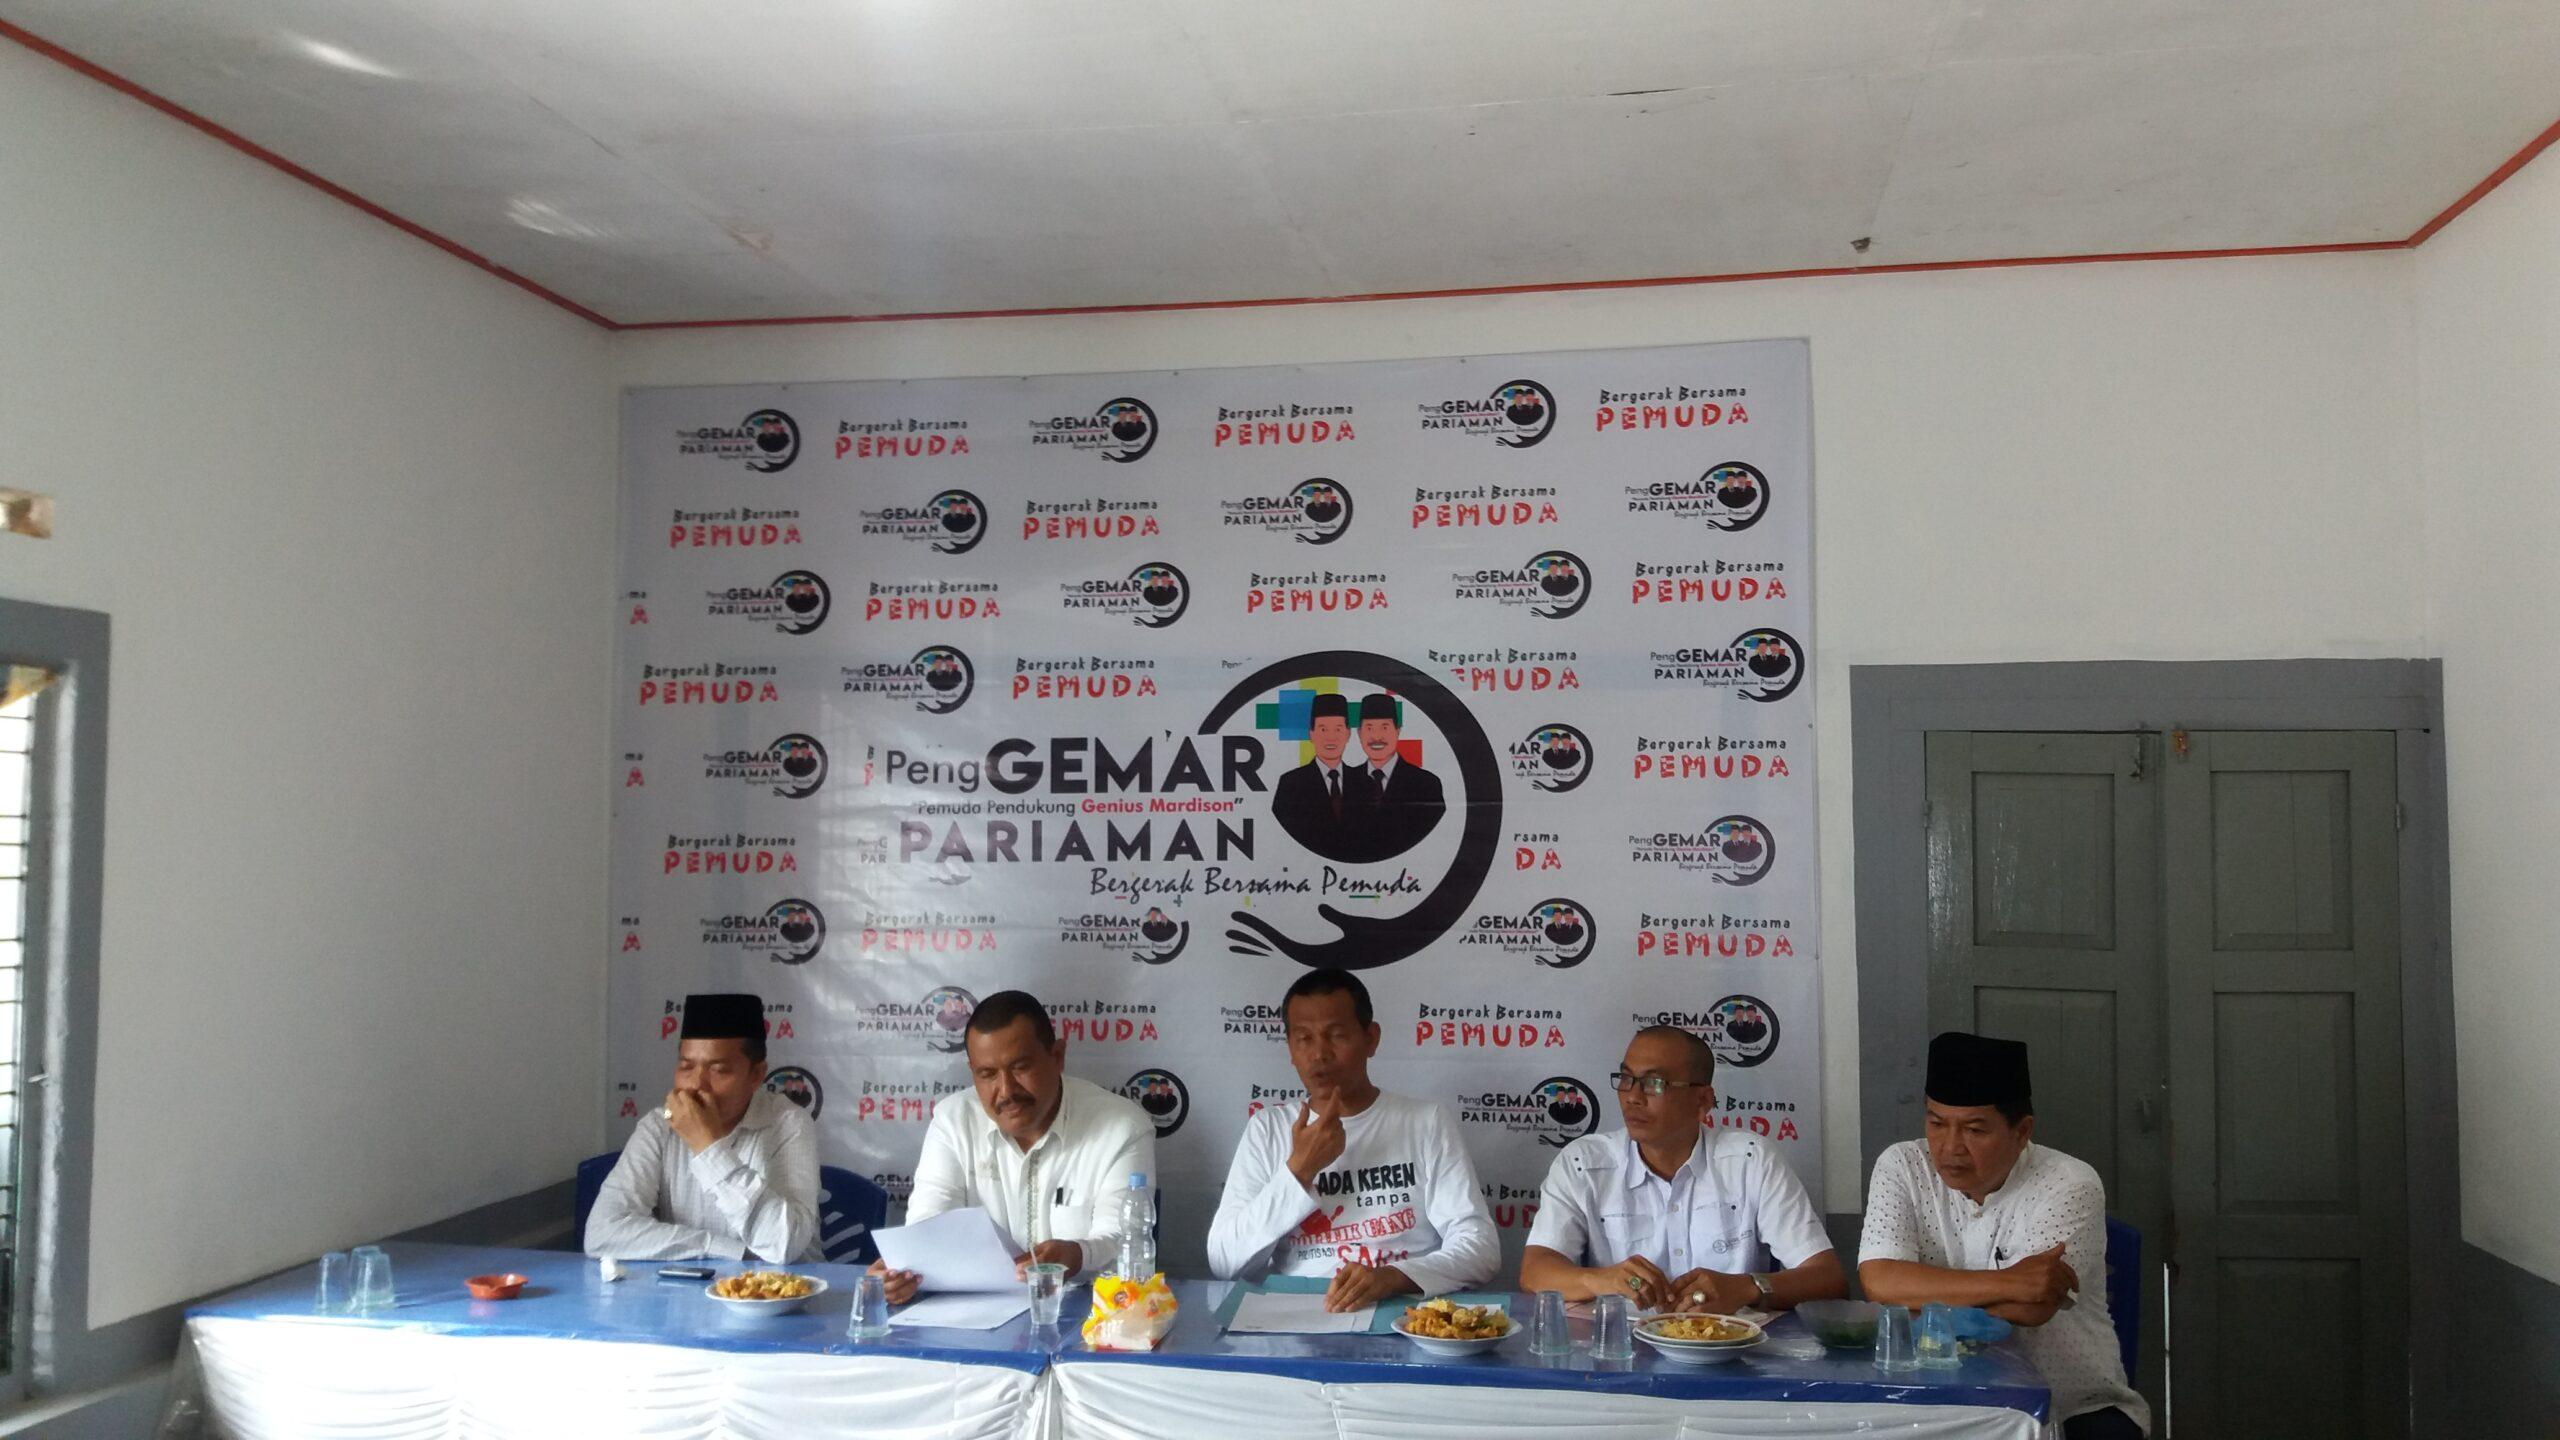 Bedah visi dan misi paslon Genius-Mardison pada Pilkada Kota Pariaman 2018 di posko pemenangan di Kampung Baru, tepatnya didepan kampus STIT, Kota Pariaman. Foto : Rizki Pratama